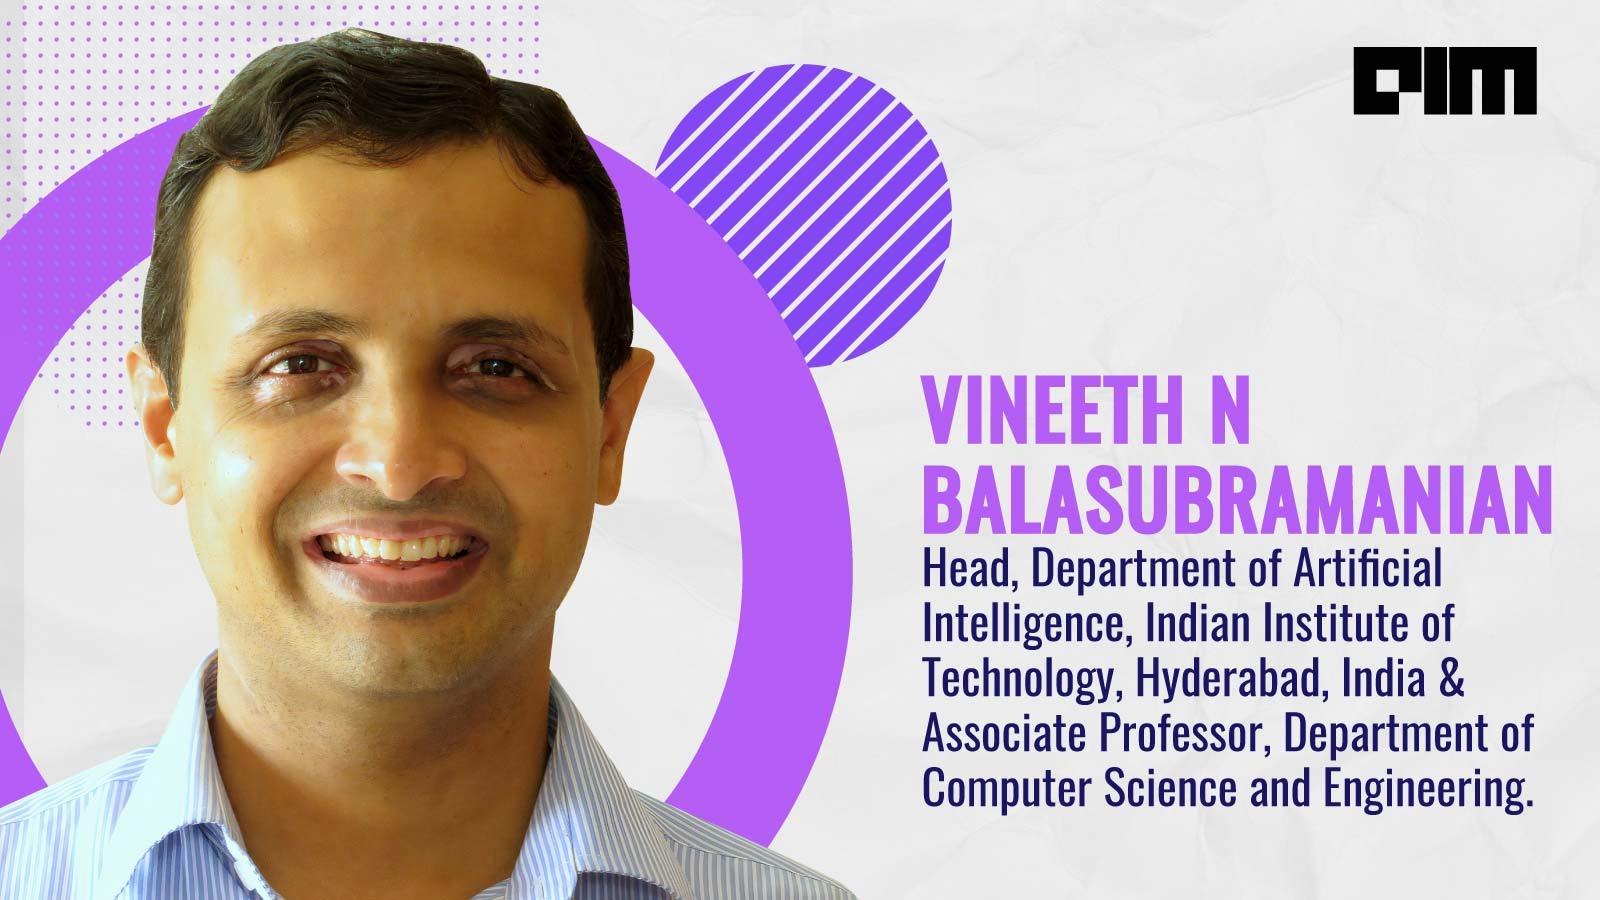 Interview With Vineeth Balasubramanian, Head Of AI, IIT Hyderabad